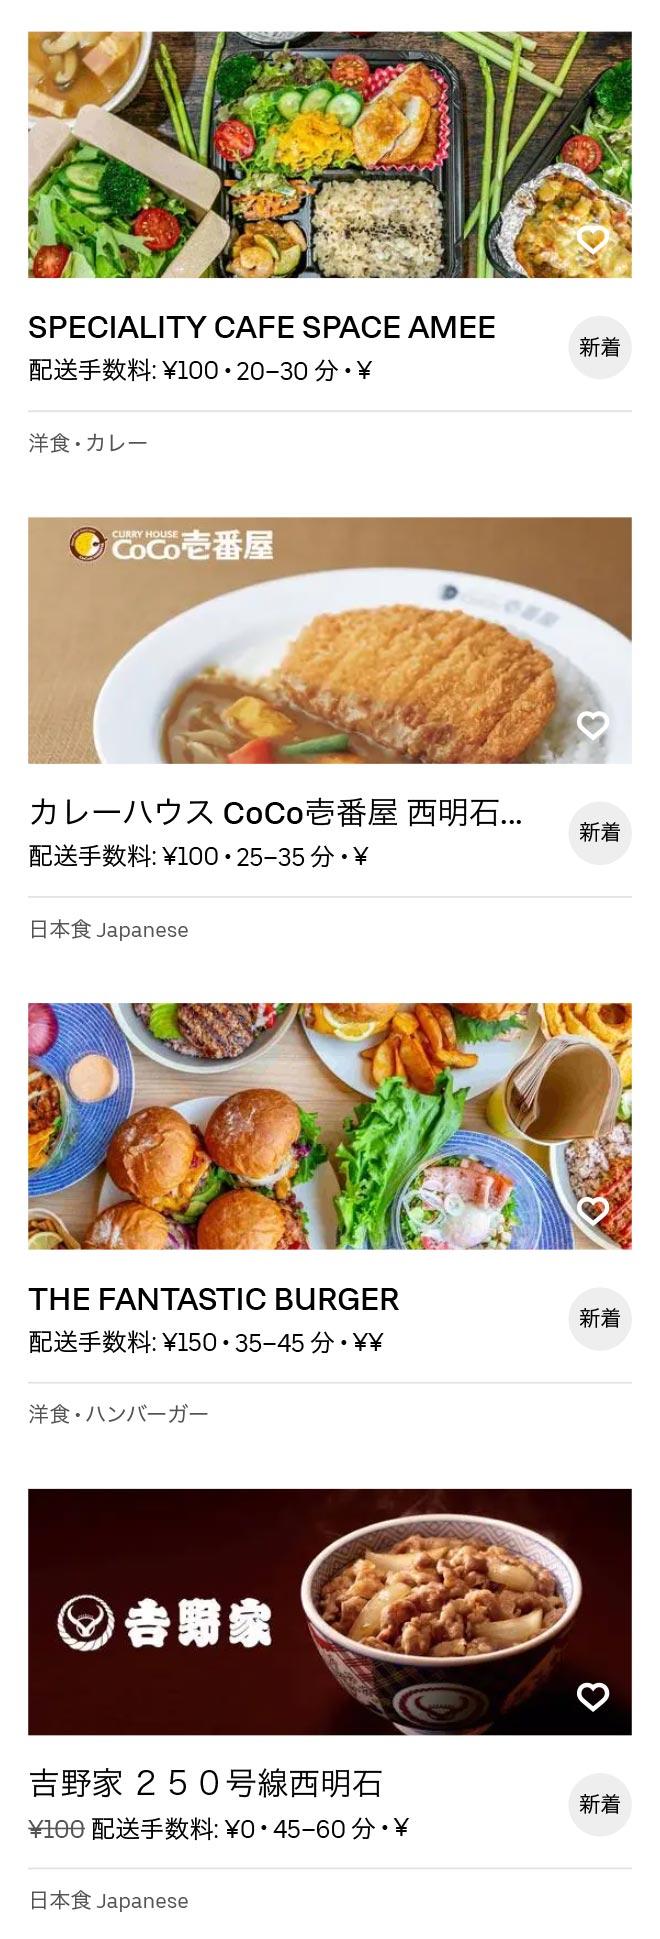 Nishi akashi menu 2010 02